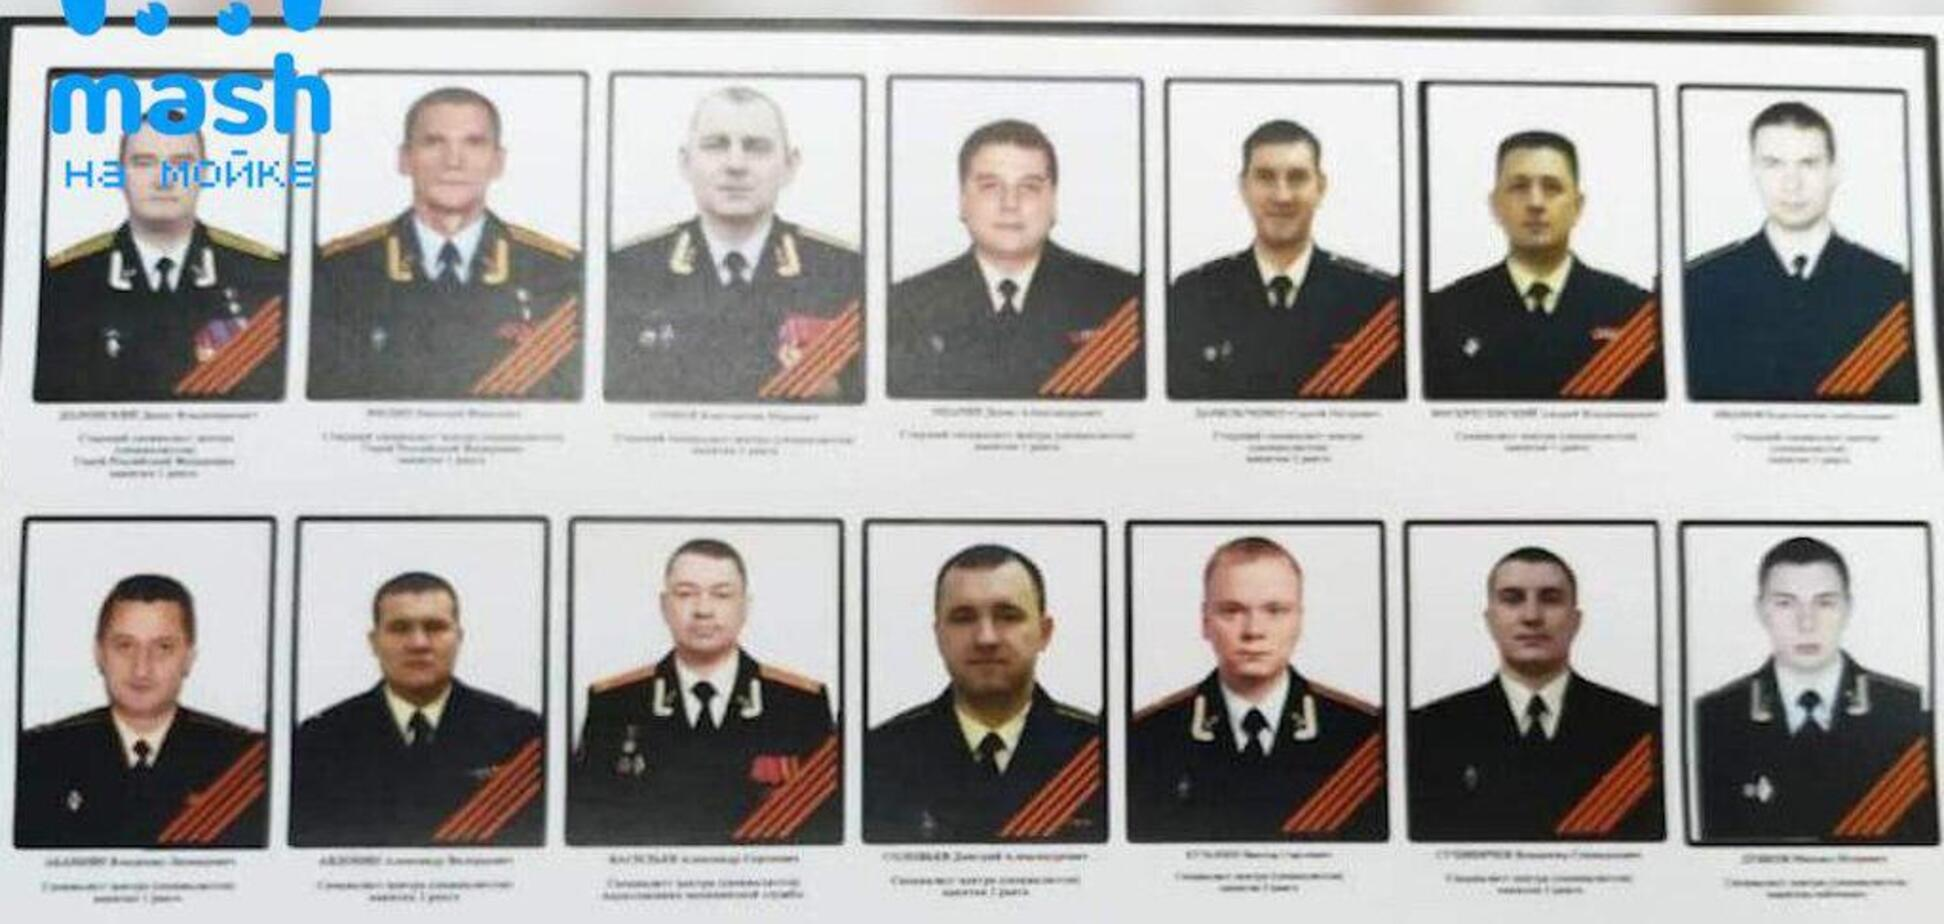 'Это гостайна!' В России засекретили информацию о 'Лошарике'